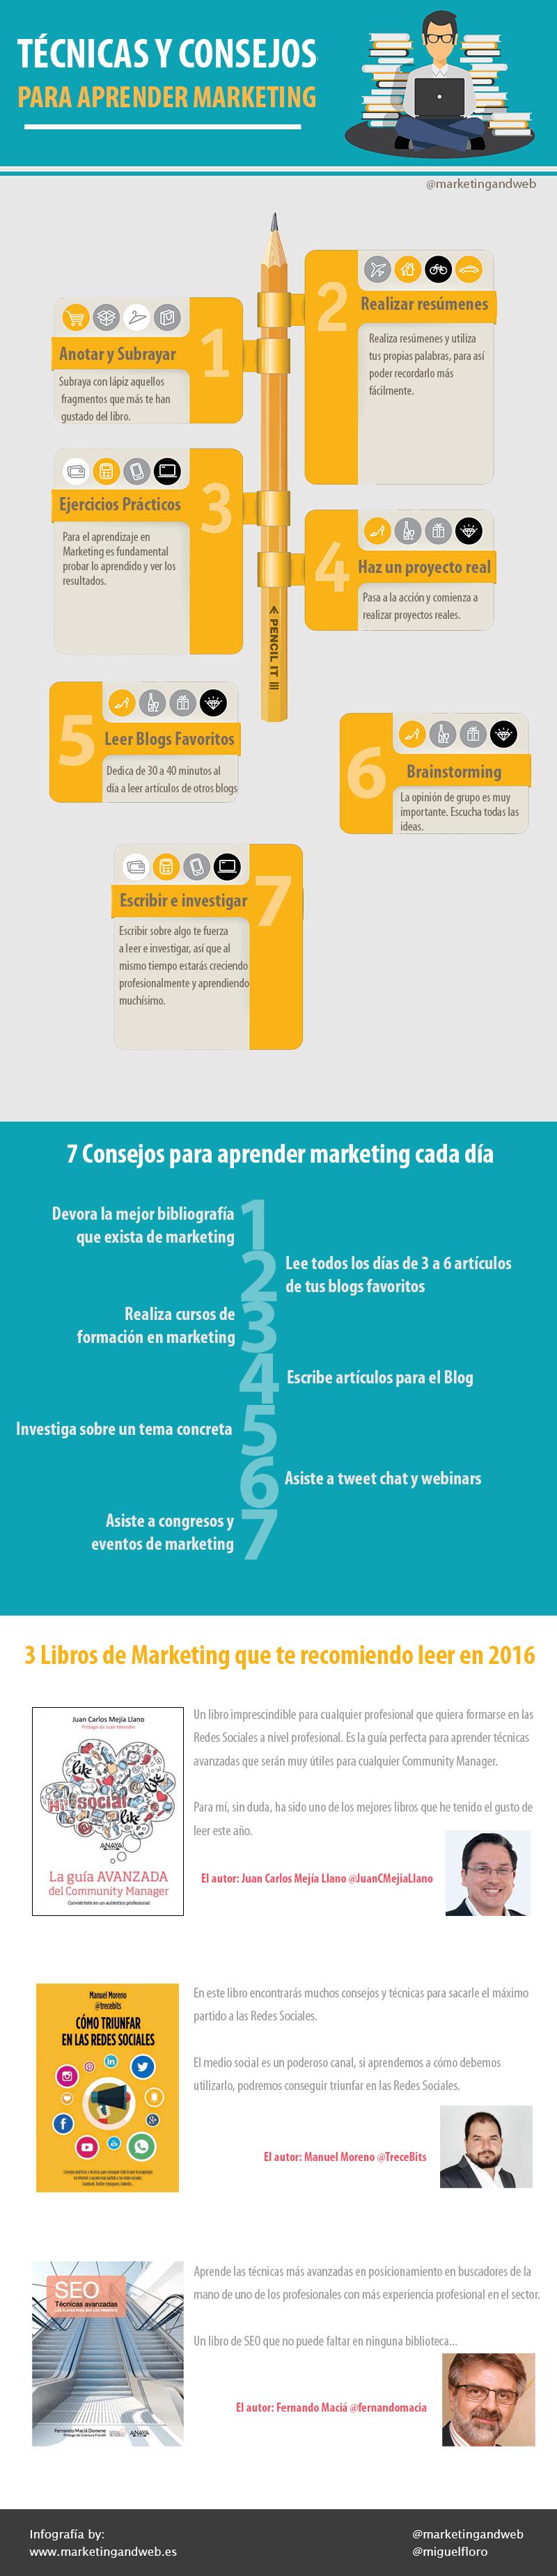 7 técnicas y 7 consejos para aprender marketing